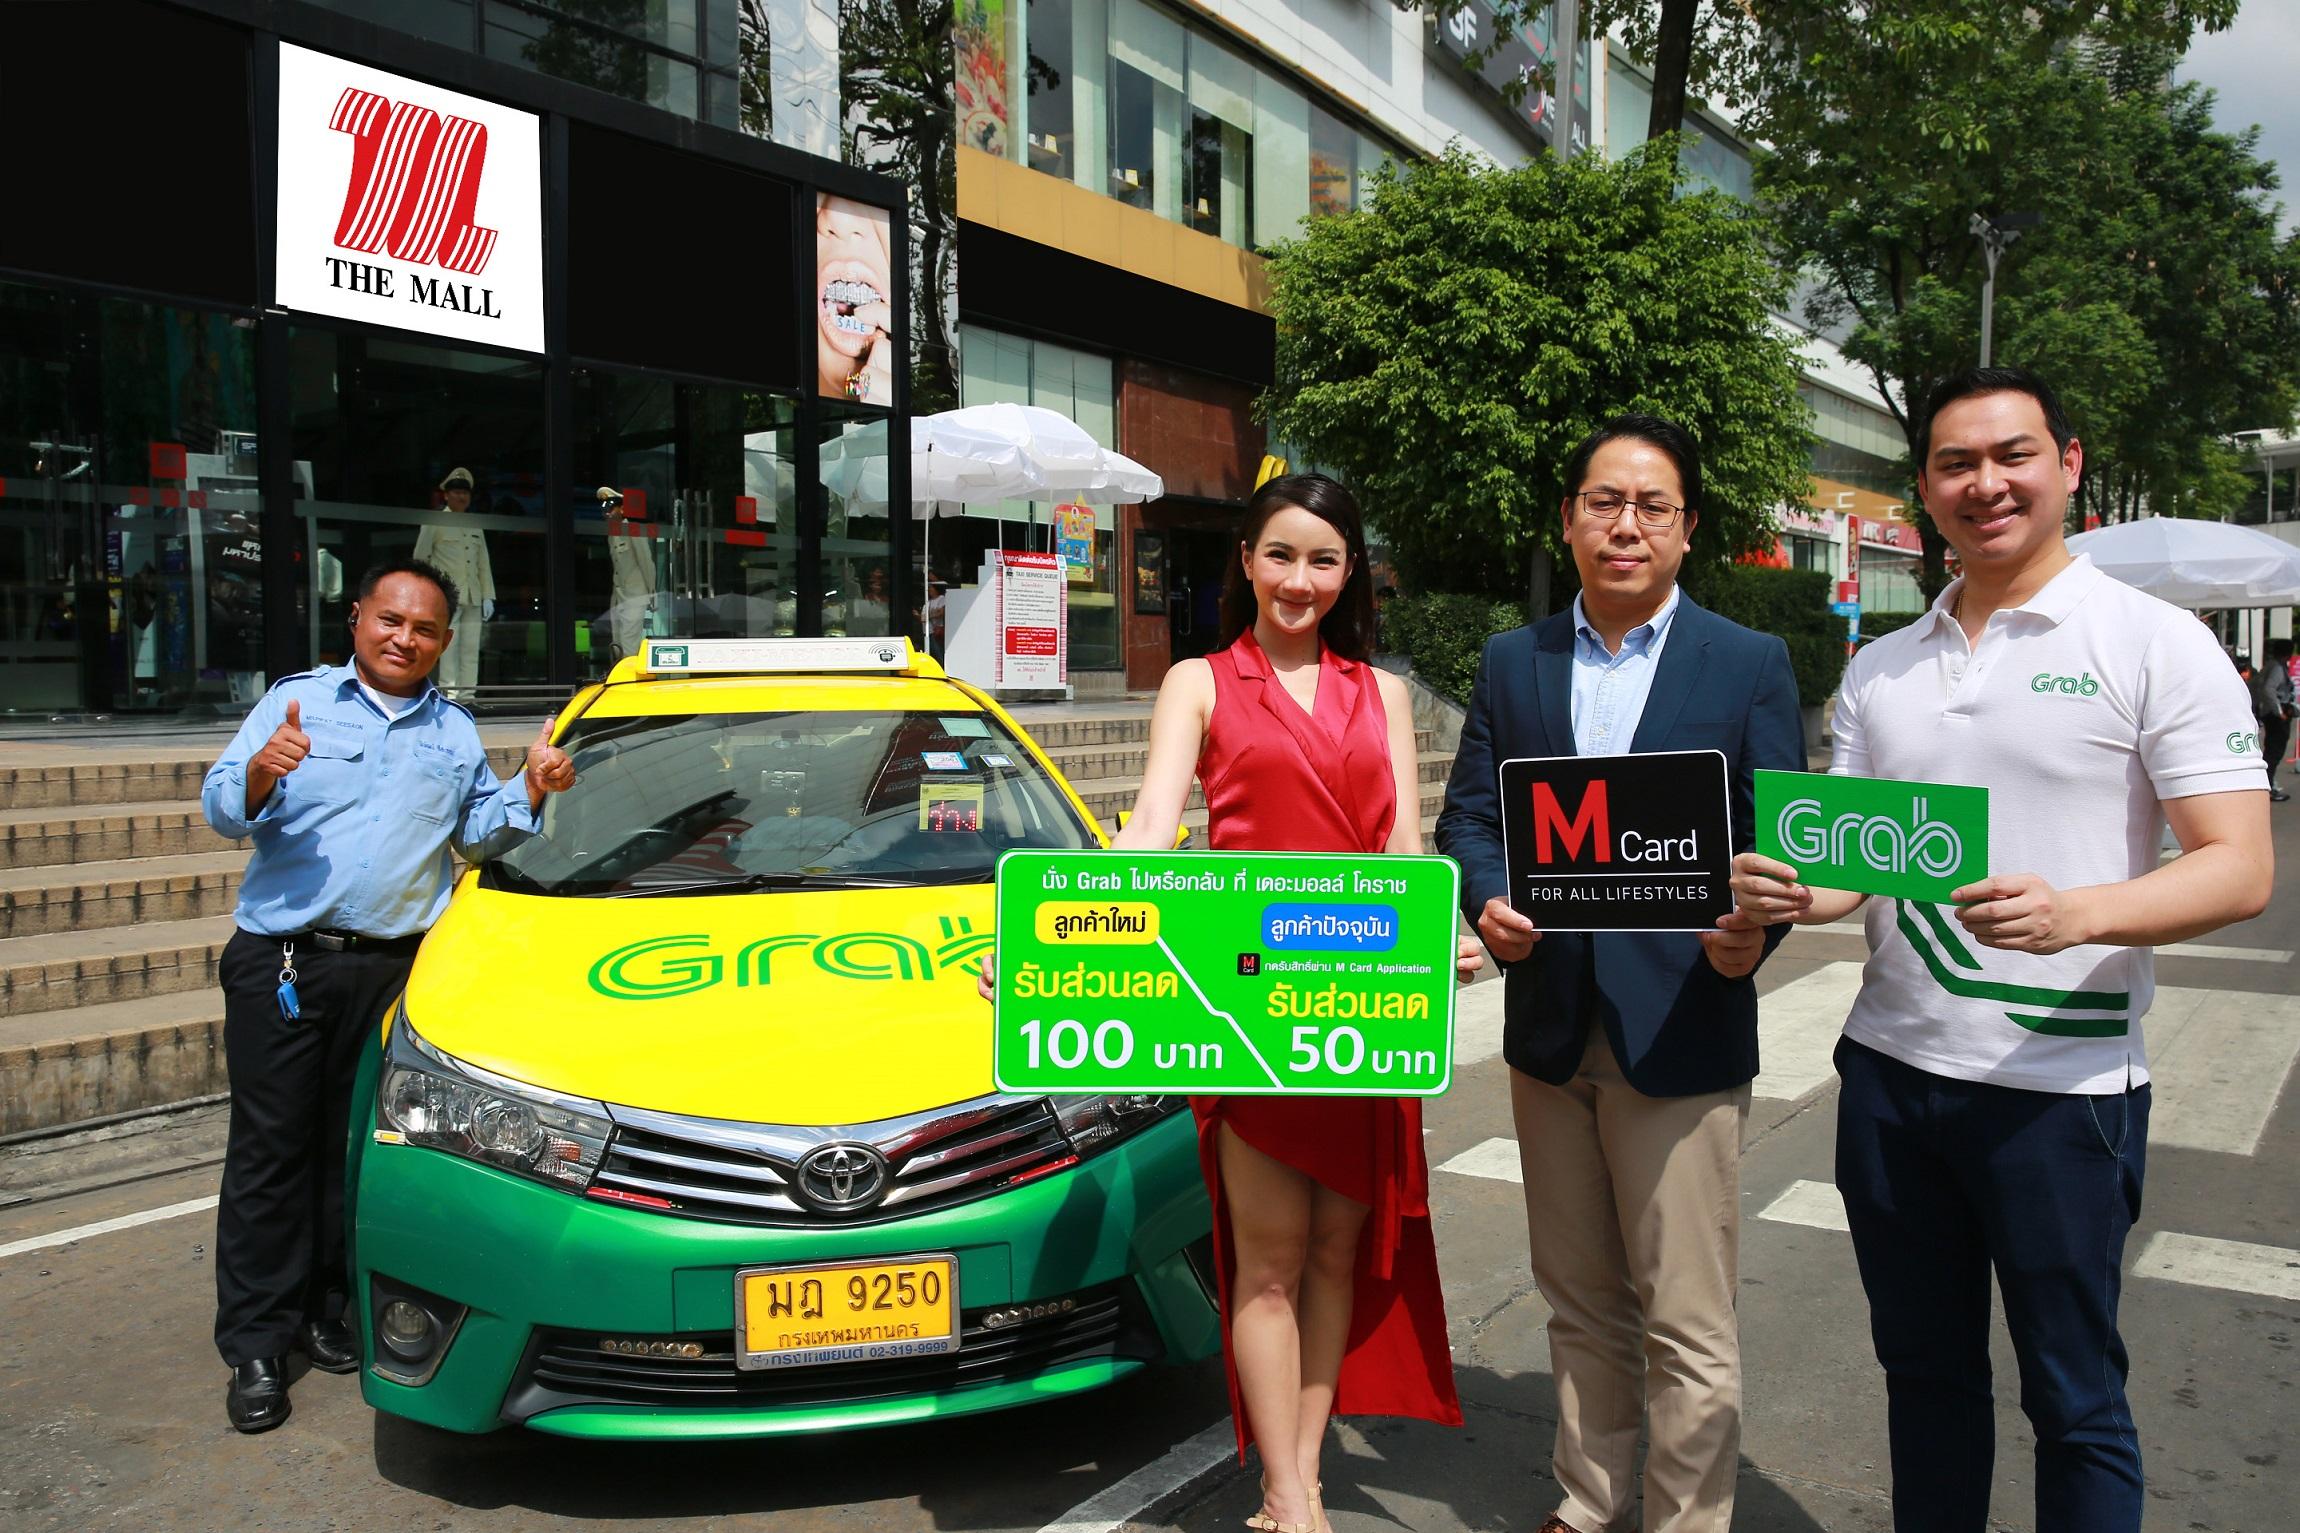 M Card ร่วมมือกับ แกร็บ มอบส่วนลดสำหรับผู้ใช้บริการรถแท็กซี่